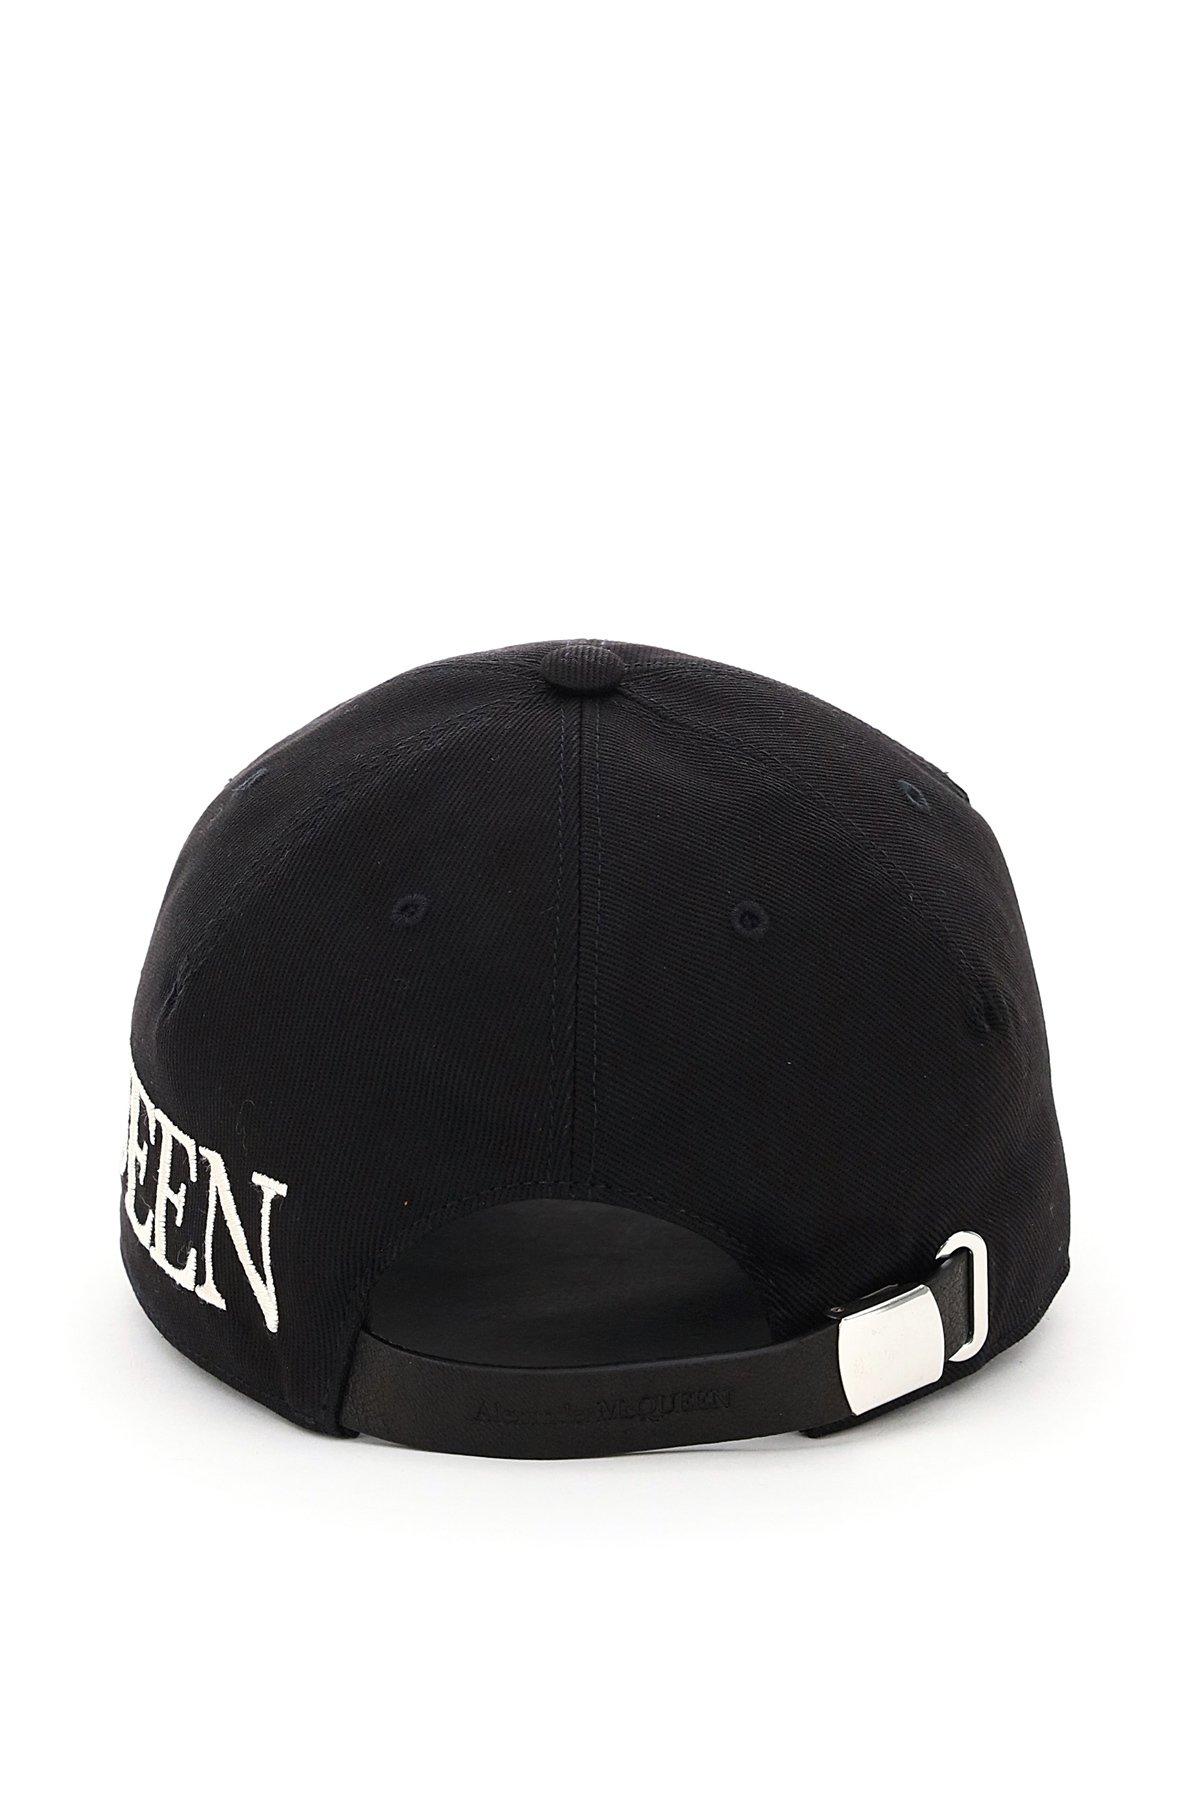 Alexander mcqueen cappello baseball logo oversize